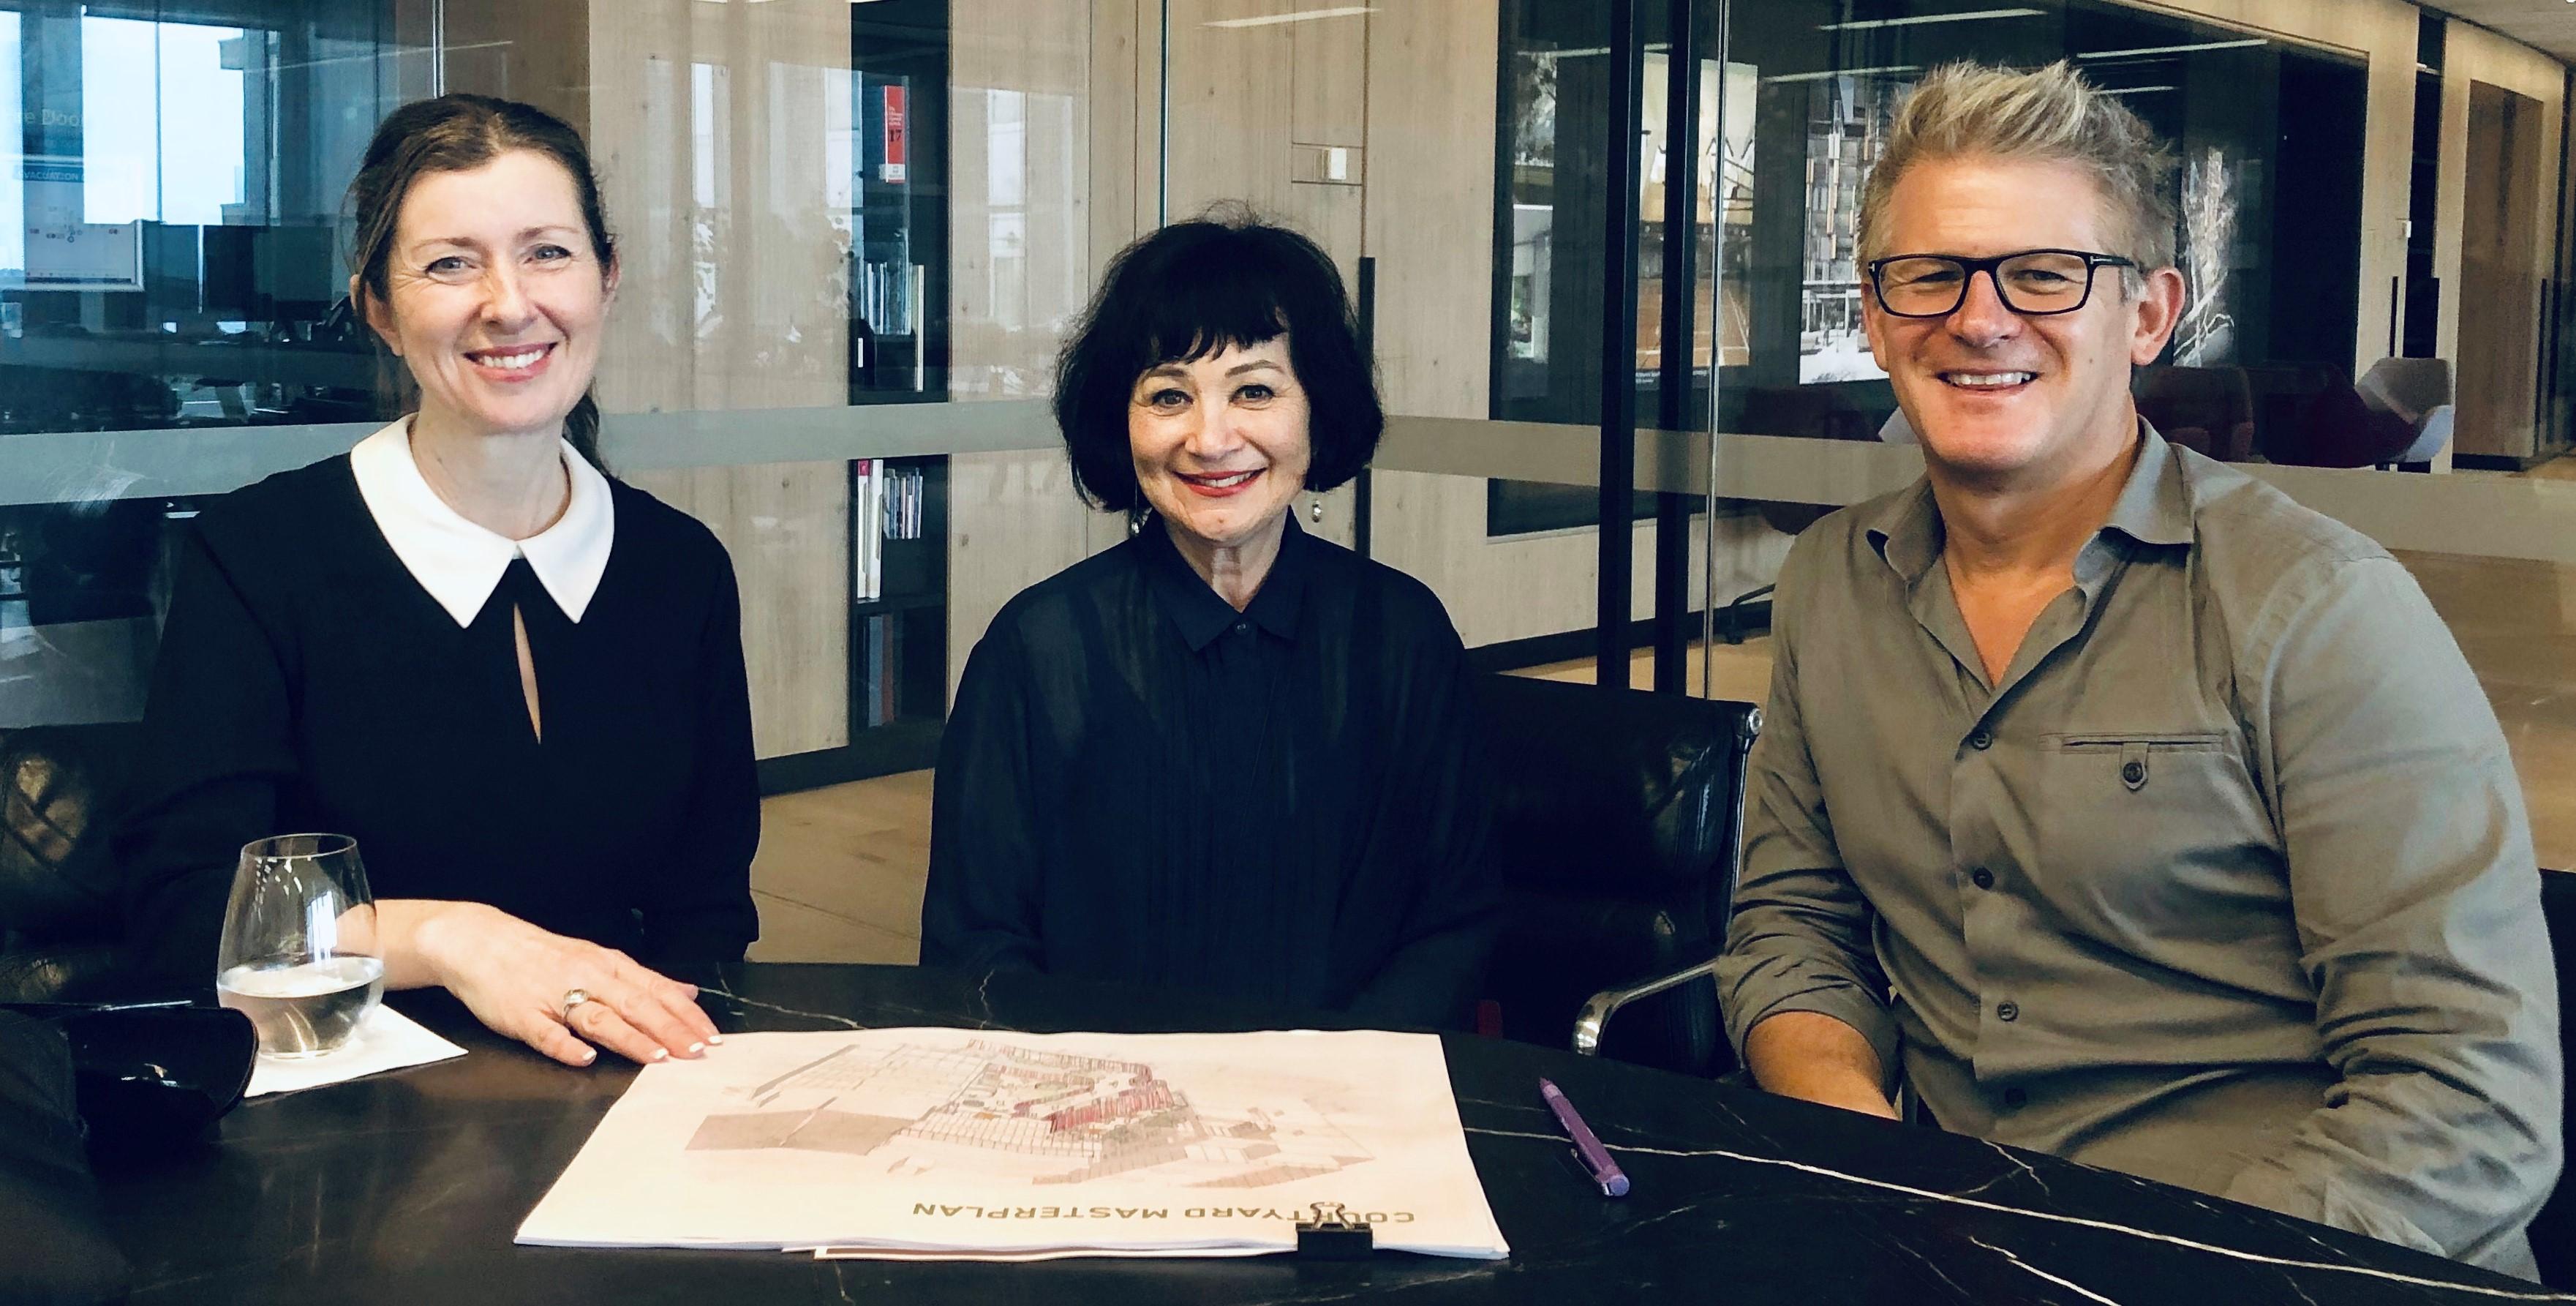 IGS Principal Shauna Colnan with architects Di Jones and Phillip Rossington